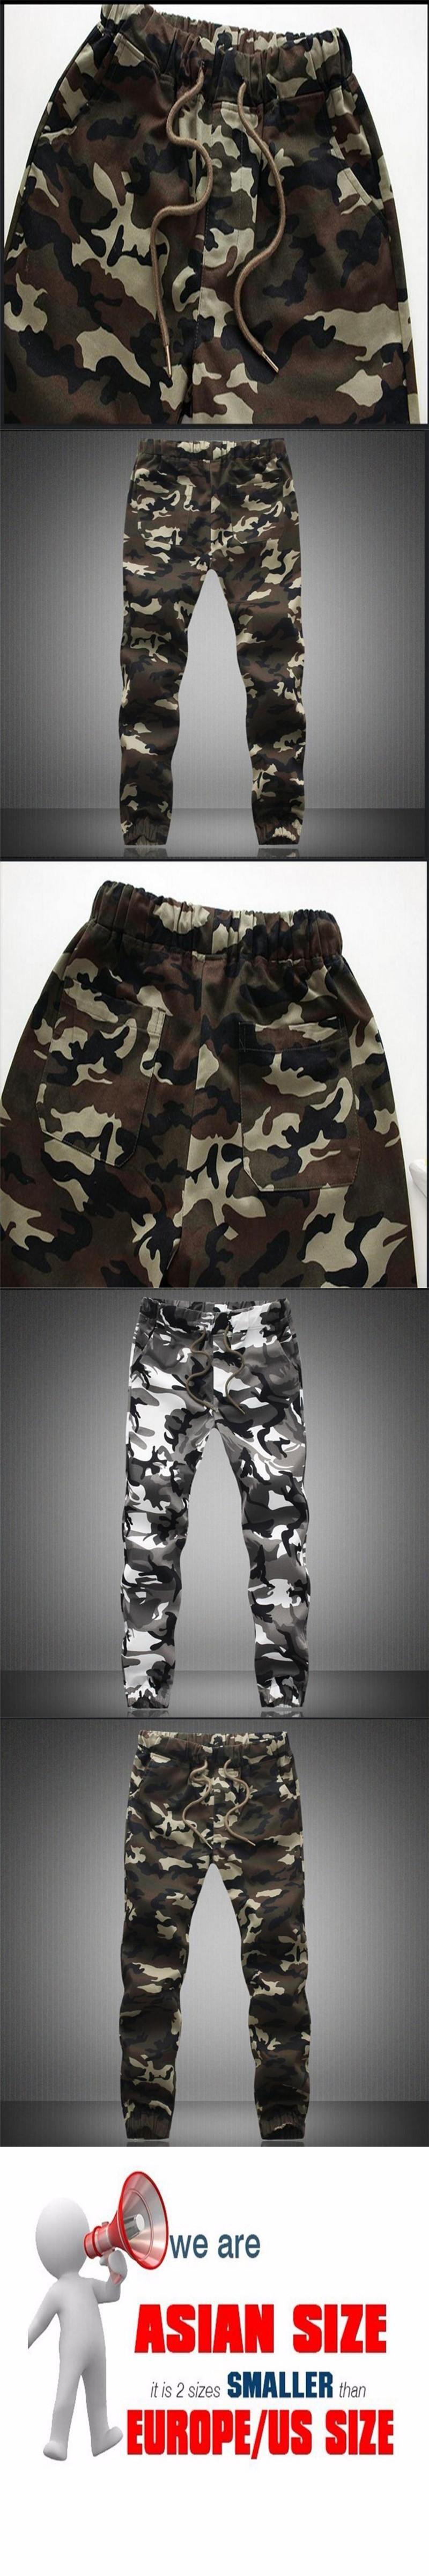 58d66ffba3f Men s Pure Cotton Spring Autumn Pencil Harem Comfortable Trousers Camo  Joggers Pants